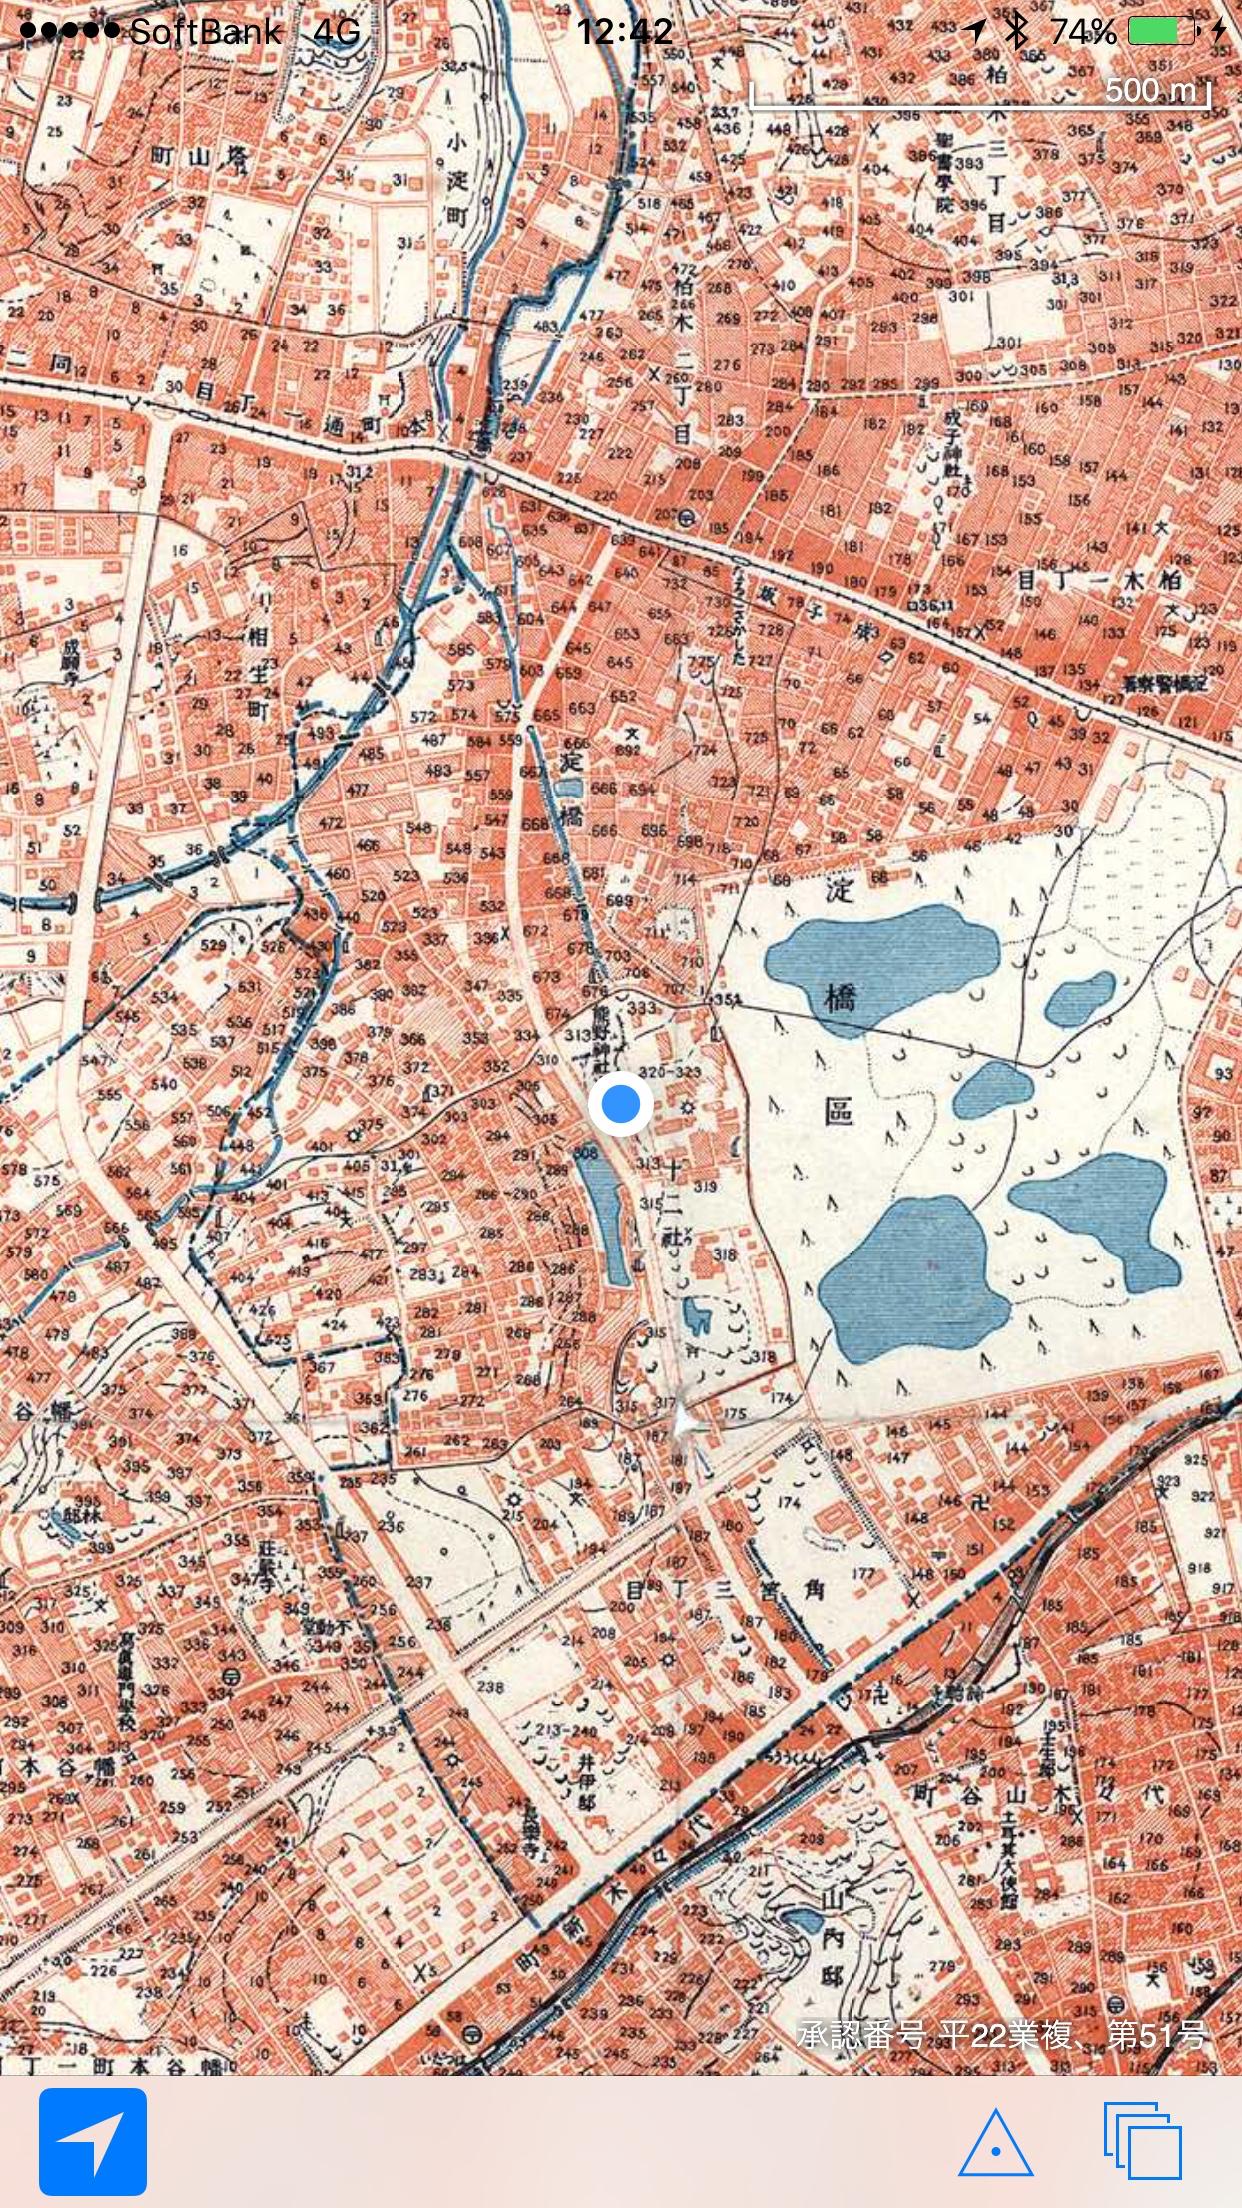 画像] 特別企画:「古地図を持っ...